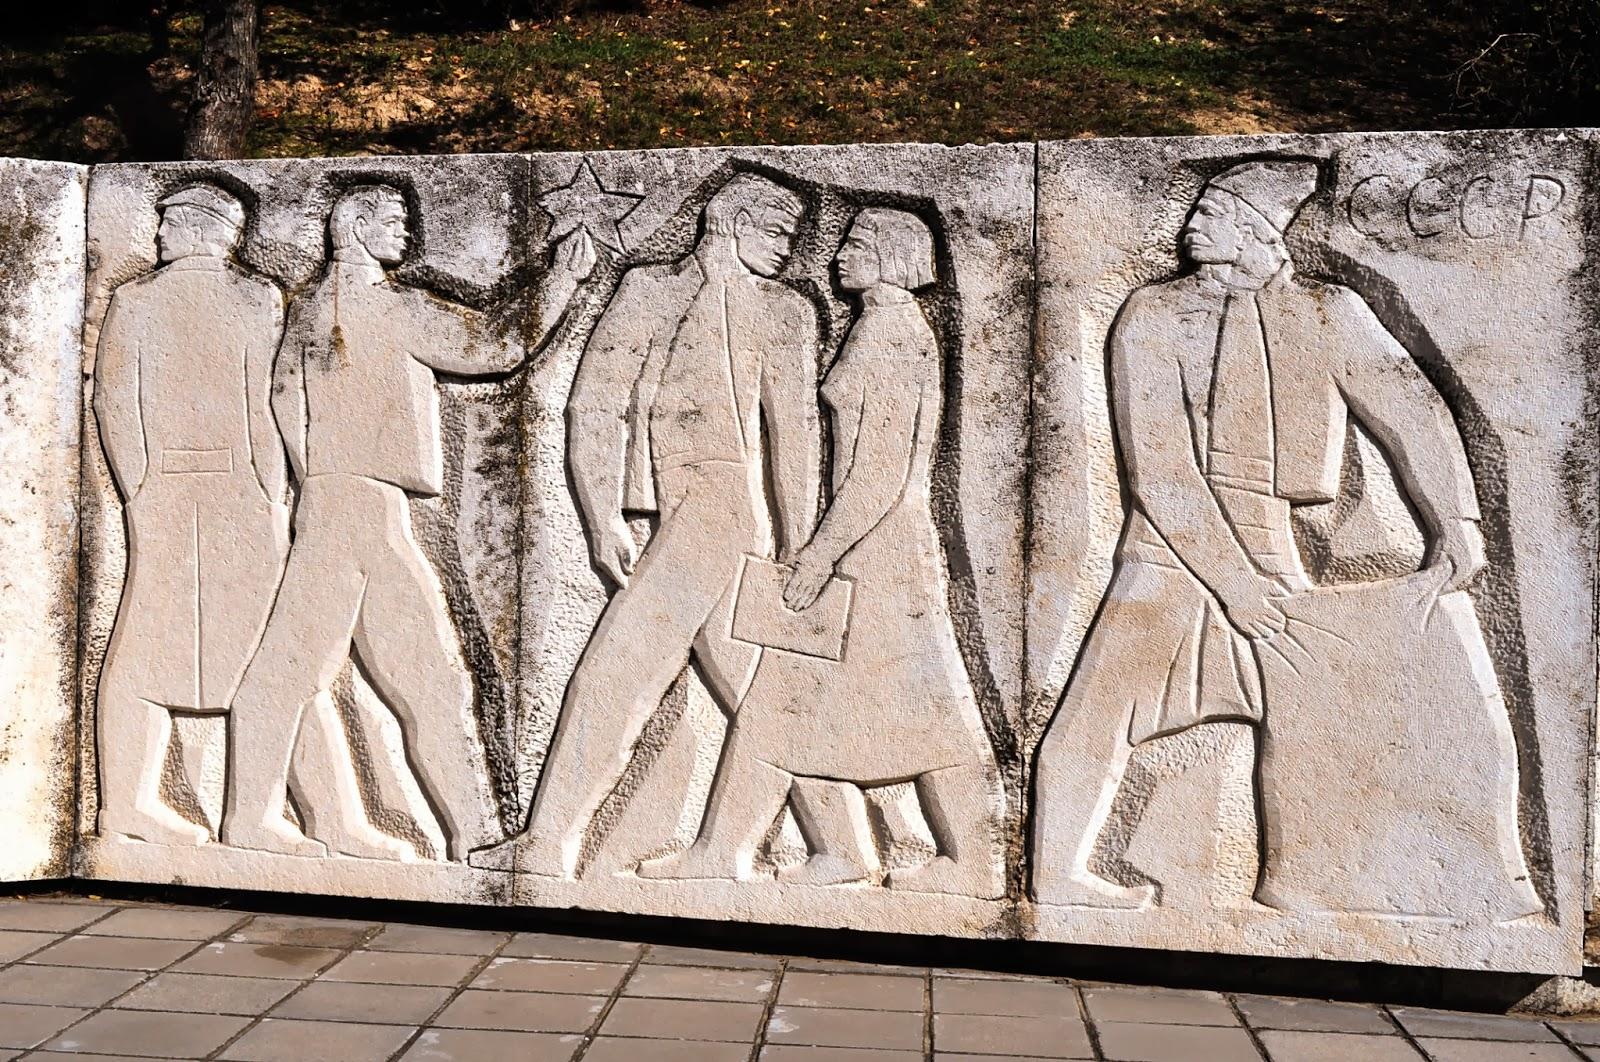 """В центъра на Оряхово попадаме на следното произведение на изкуството от времето на социализма. Сякаш дете с несигурна ръчичка е пресъздало представите си за """"човека на новото време"""": селянина, работника и младите представители на художествено-творческата интелигенция."""